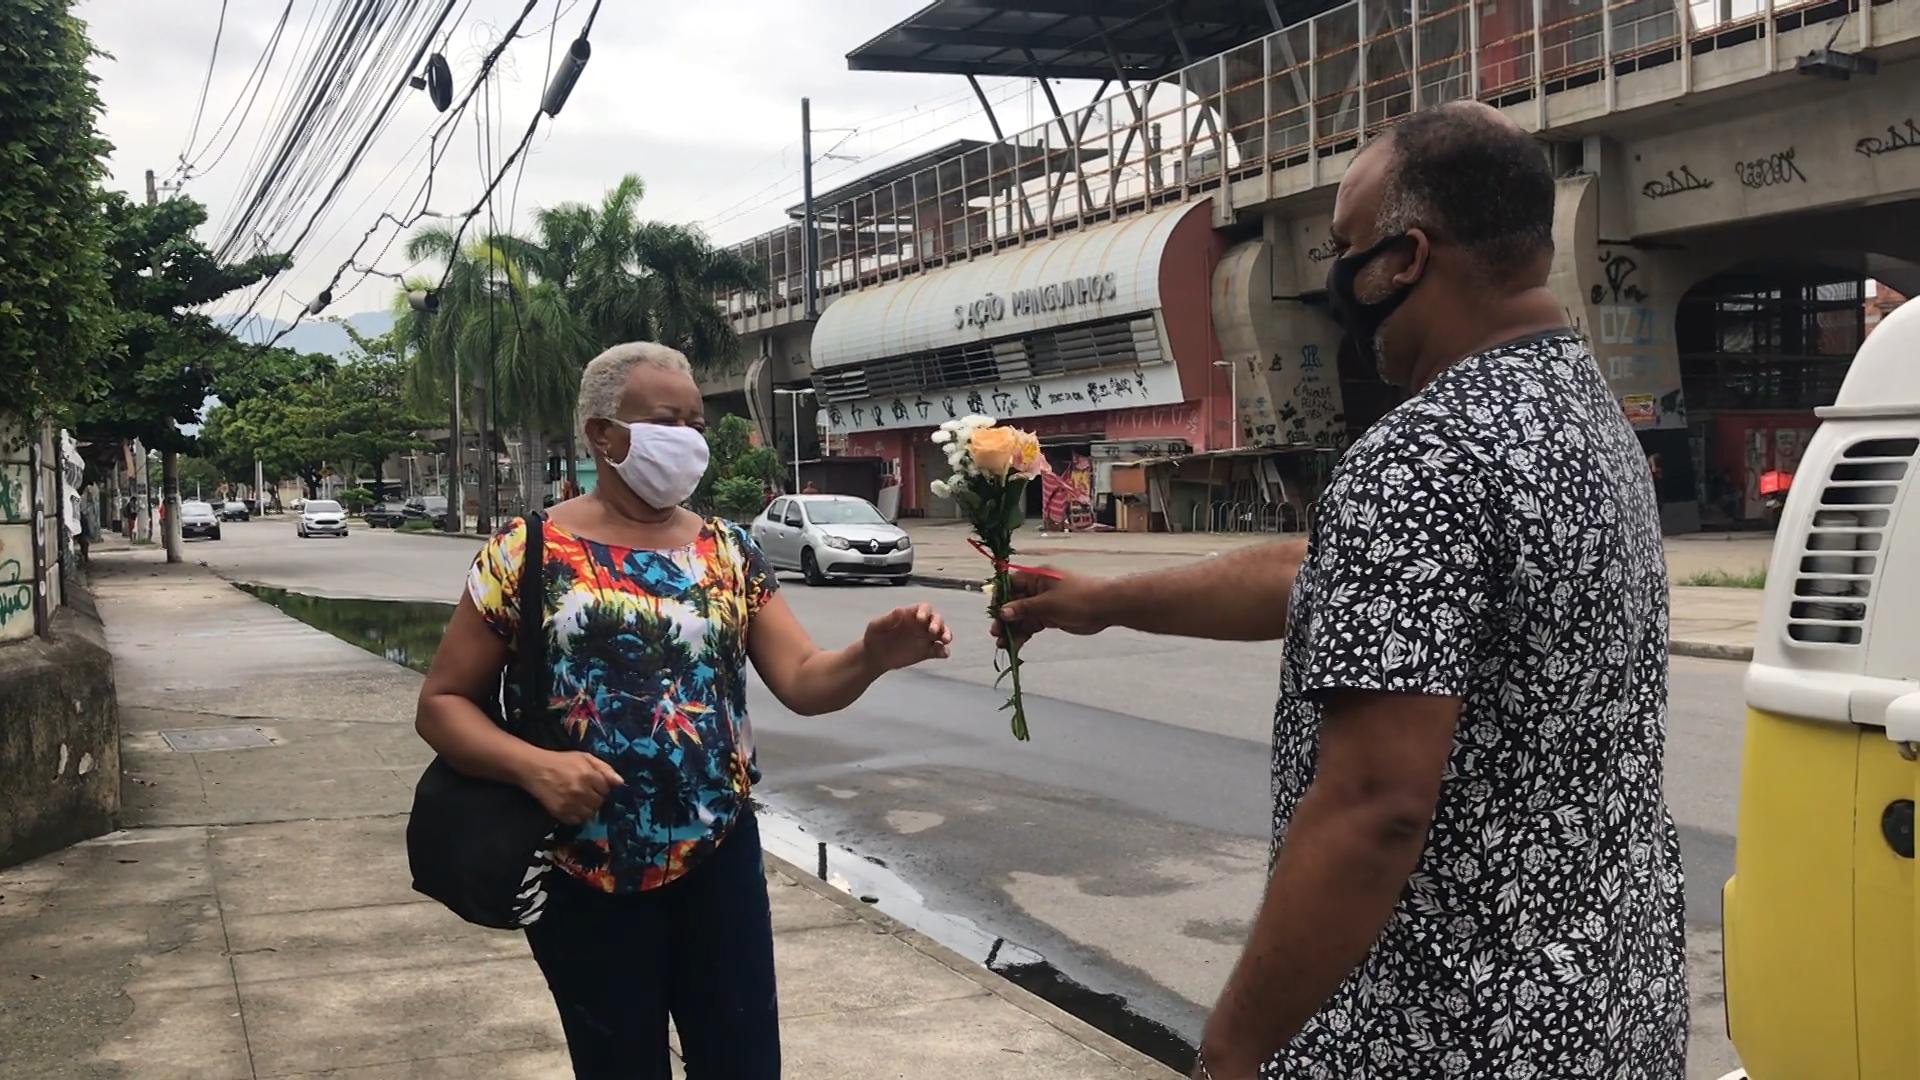 Morador de Manguinhos distribui 250 buquês em homenagem ao Dia da Mulher